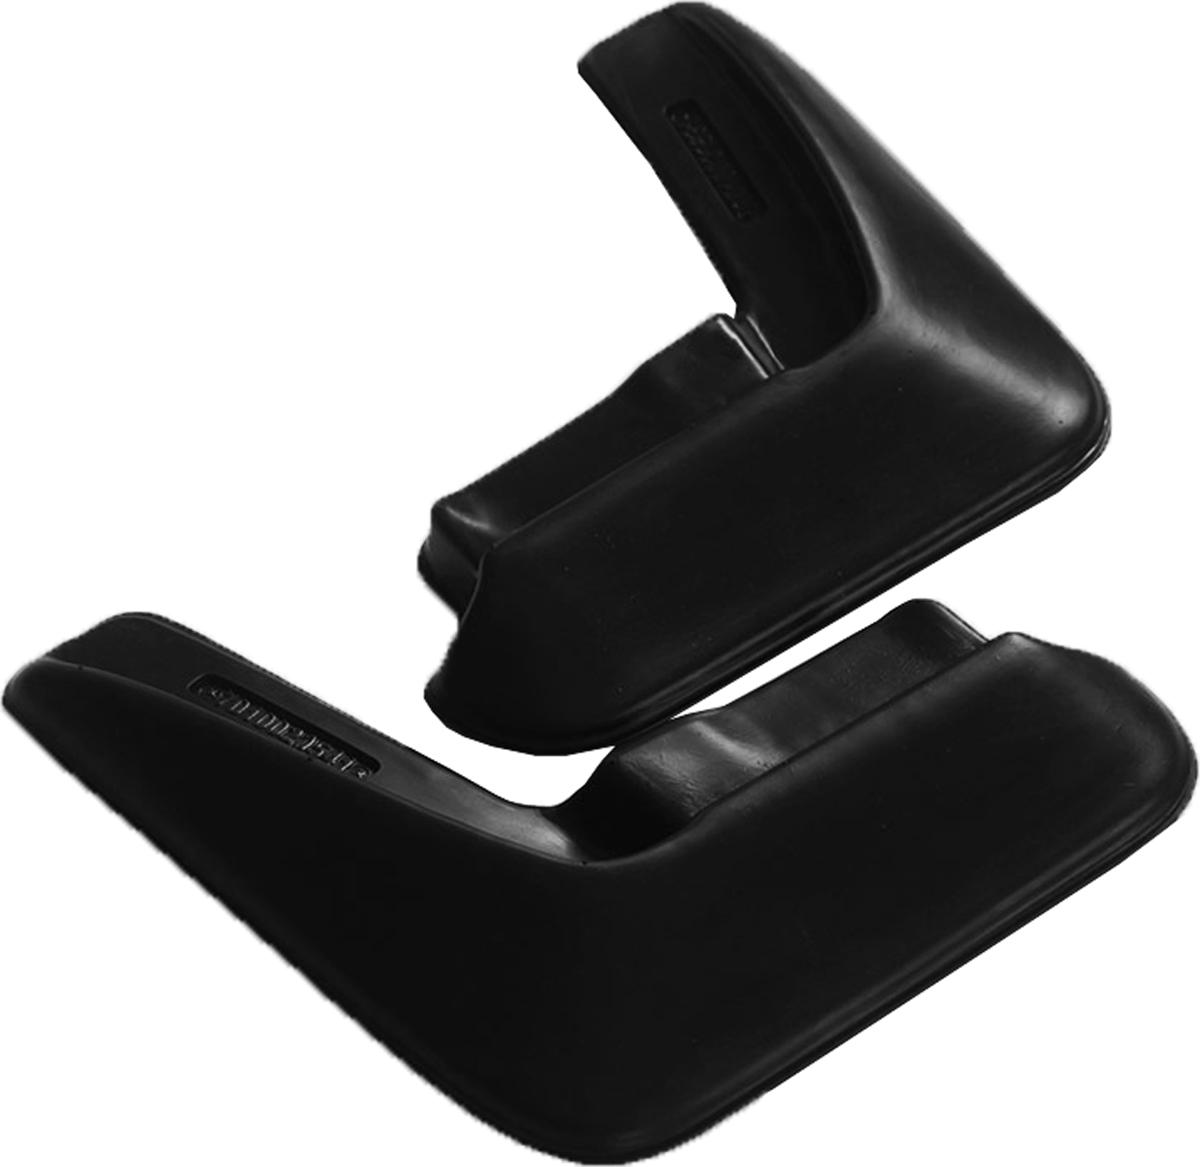 Комплект задних брызговиков L.Locker, для Mazda 3 III hb (13-)7010021561Брызговики L.Locker изготовлены из высококачественного полиуретана. Уникальный состав брызговиков допускает их эксплуатацию в широком диапазоне температур: от -50°С до +80°С. Эффективно защищают кузов автомобиля от грязи и воды - формируют аэродинамический поток воздуха, создаваемый при движении вокруг кузова таким образом, чтобы максимально уменьшить образование грязевой измороси, оседающей на автомобиле. Разработаны индивидуально для каждой модели автомобиля, с эстетической точки зрения брызговики являются завершением колесной арки.